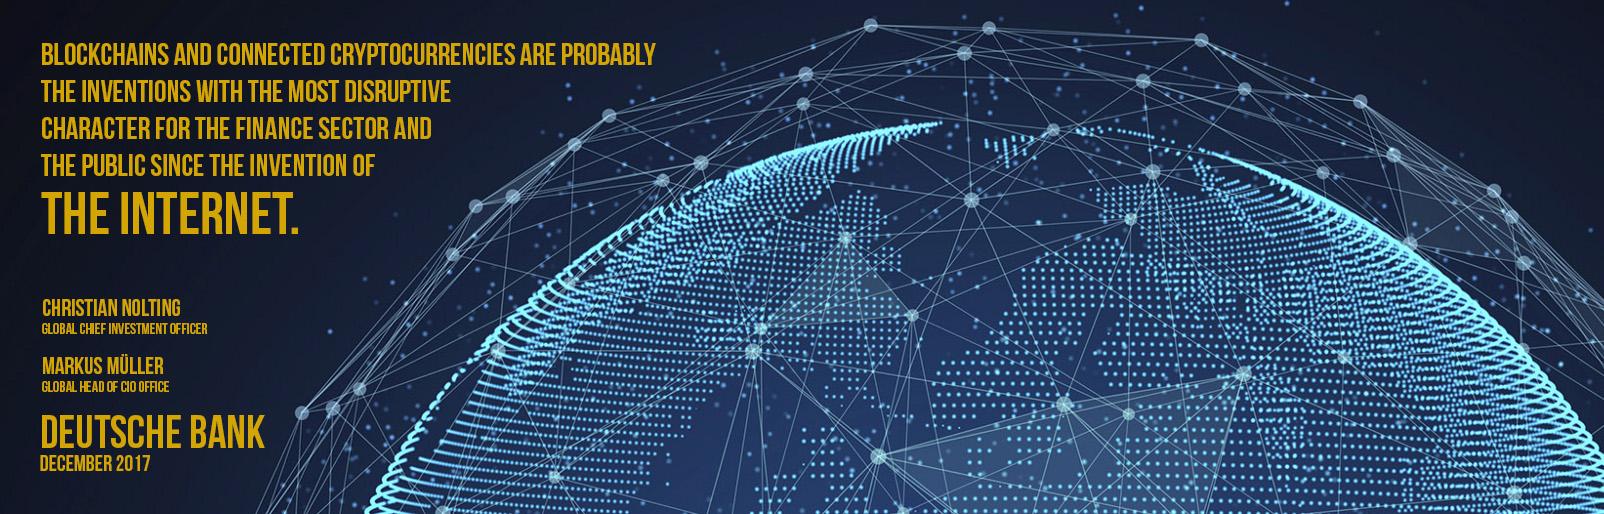 Kuva lohkoketjusta maailman päällä ja teksti: Vapaasti suomennettuna: Lohkoketjut ja niihin liittyvät kryptovaluutat ovat todennäköisesti keksintöjä, joilla on suurin muokkaava vaikutus finanssialaan ja yhteiskuntaan sitten Internetin keksimisen.